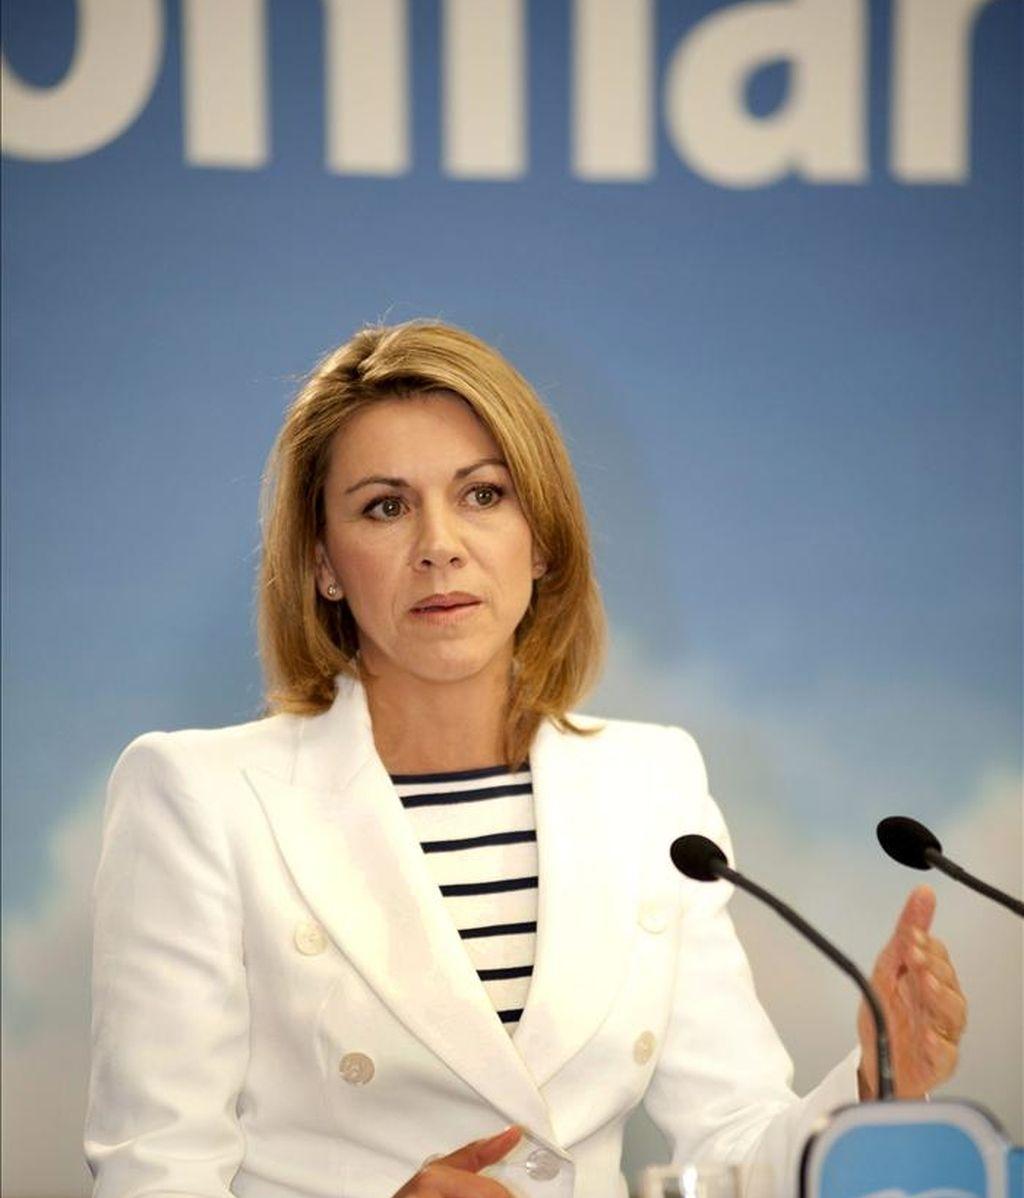 La secretaria general del PP y candidata a la Presidencia de Castilla-La Mancha, María Dolores Cospedal, durante un acto público hoy en Toledo. EFE